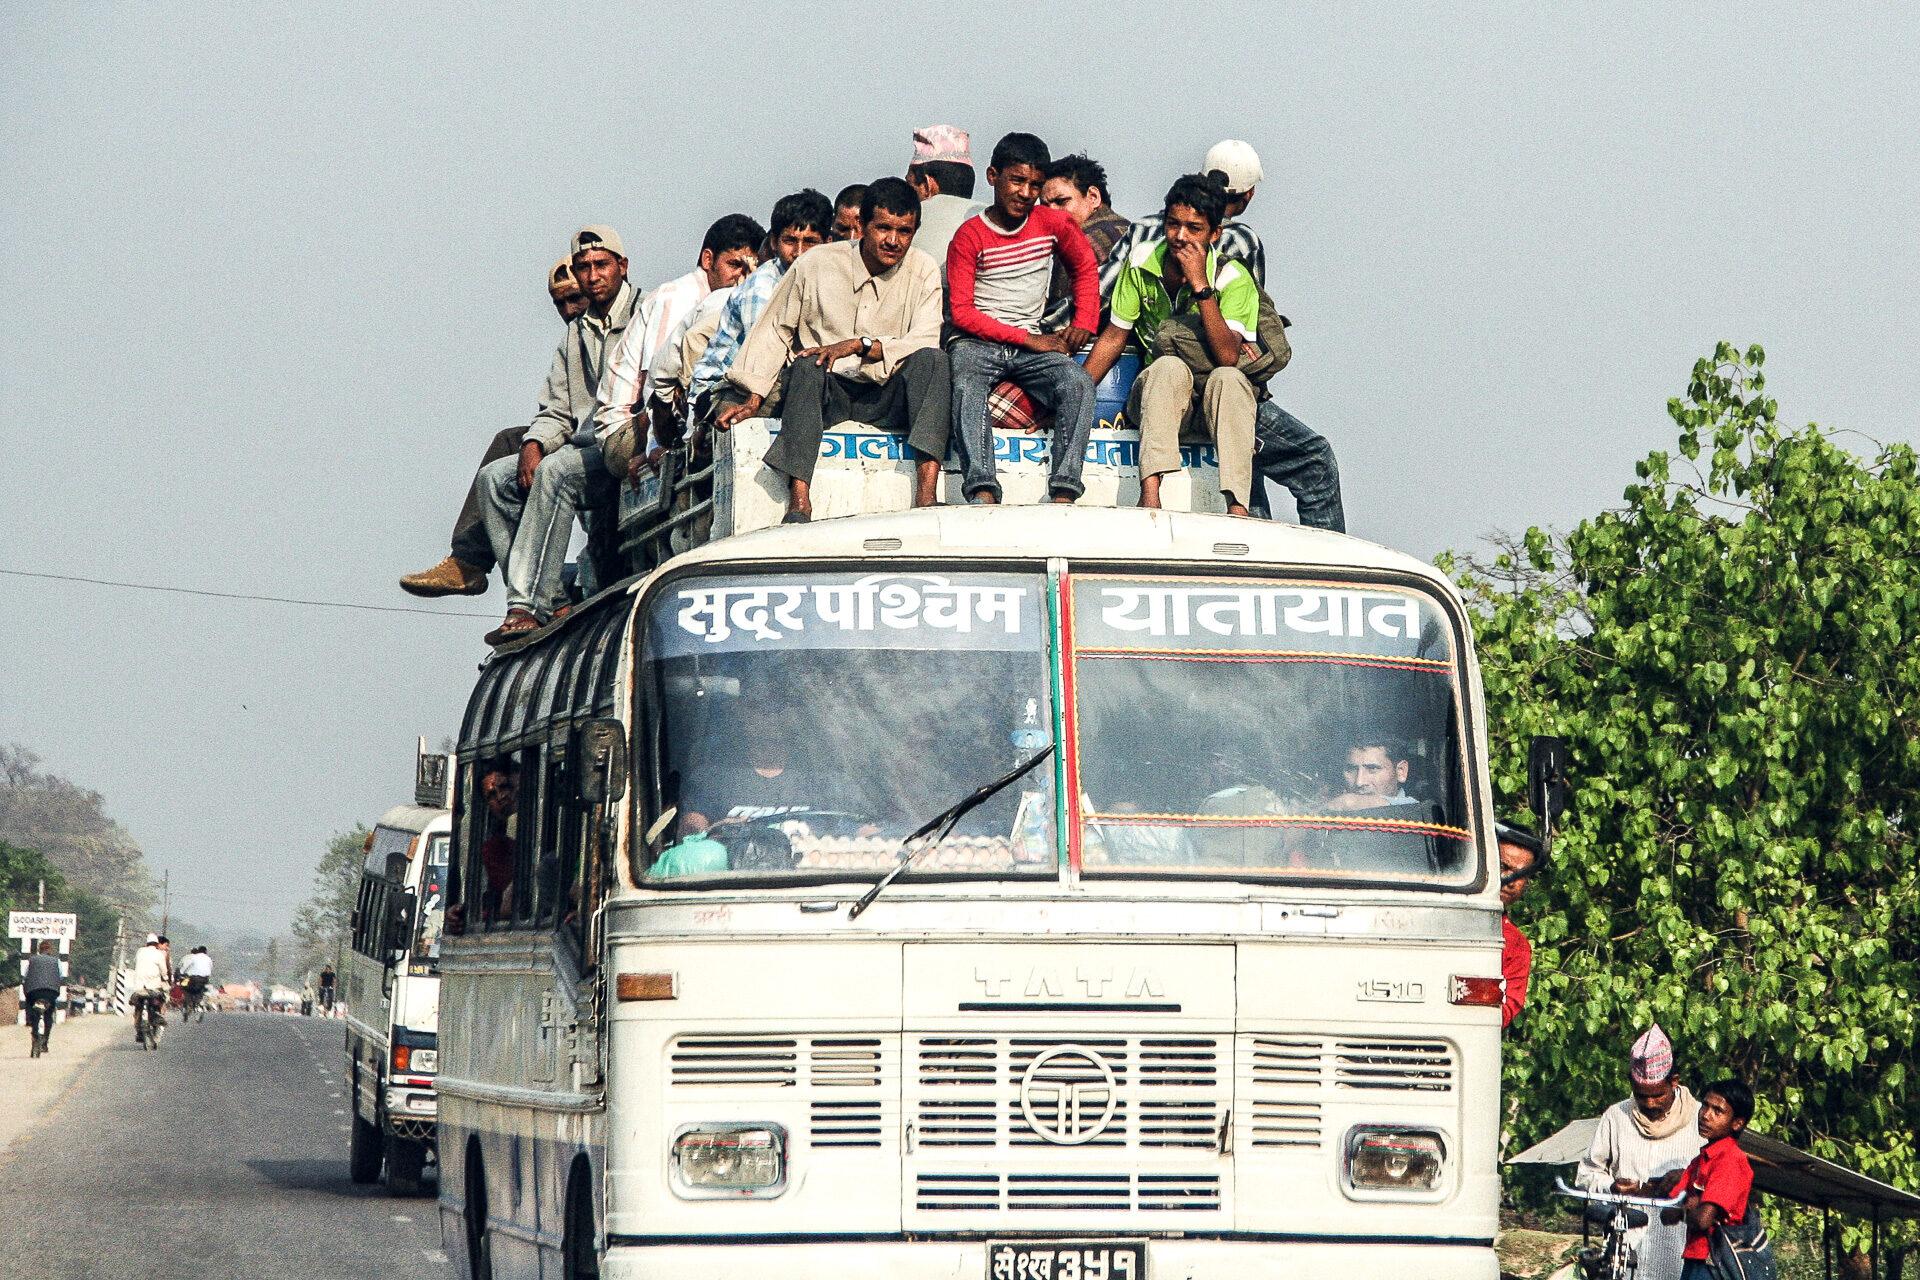 Bus in Indien